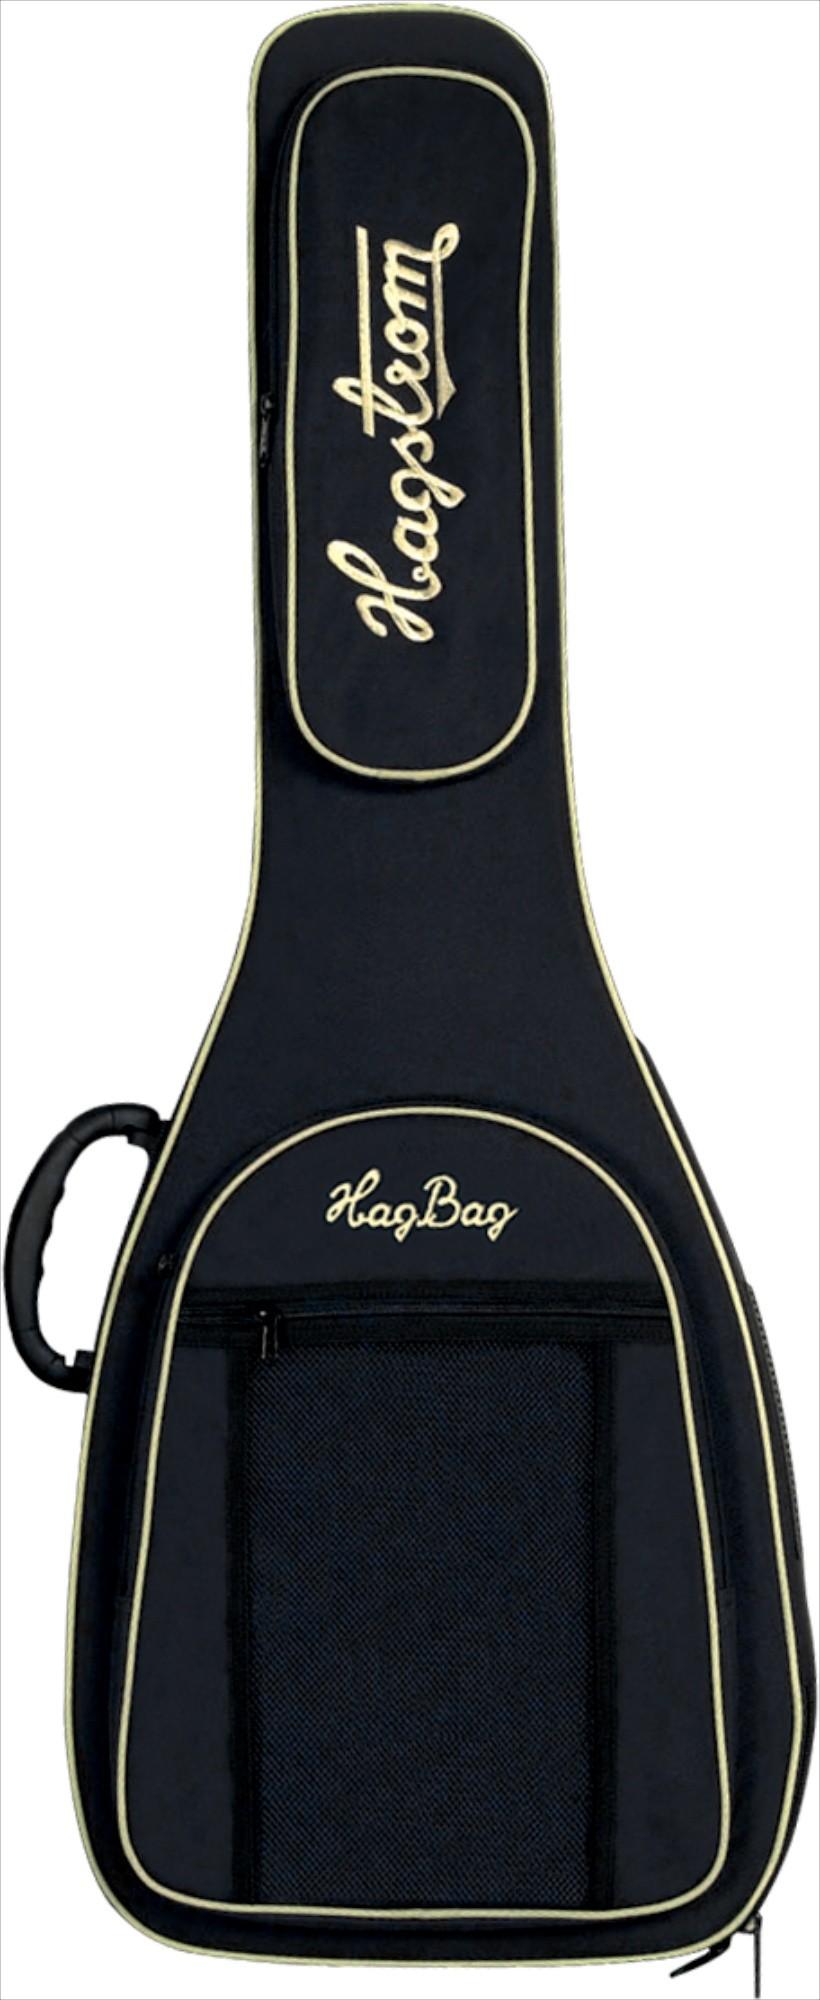 Hagstrom E24 Hagbag for Alvar Guitar